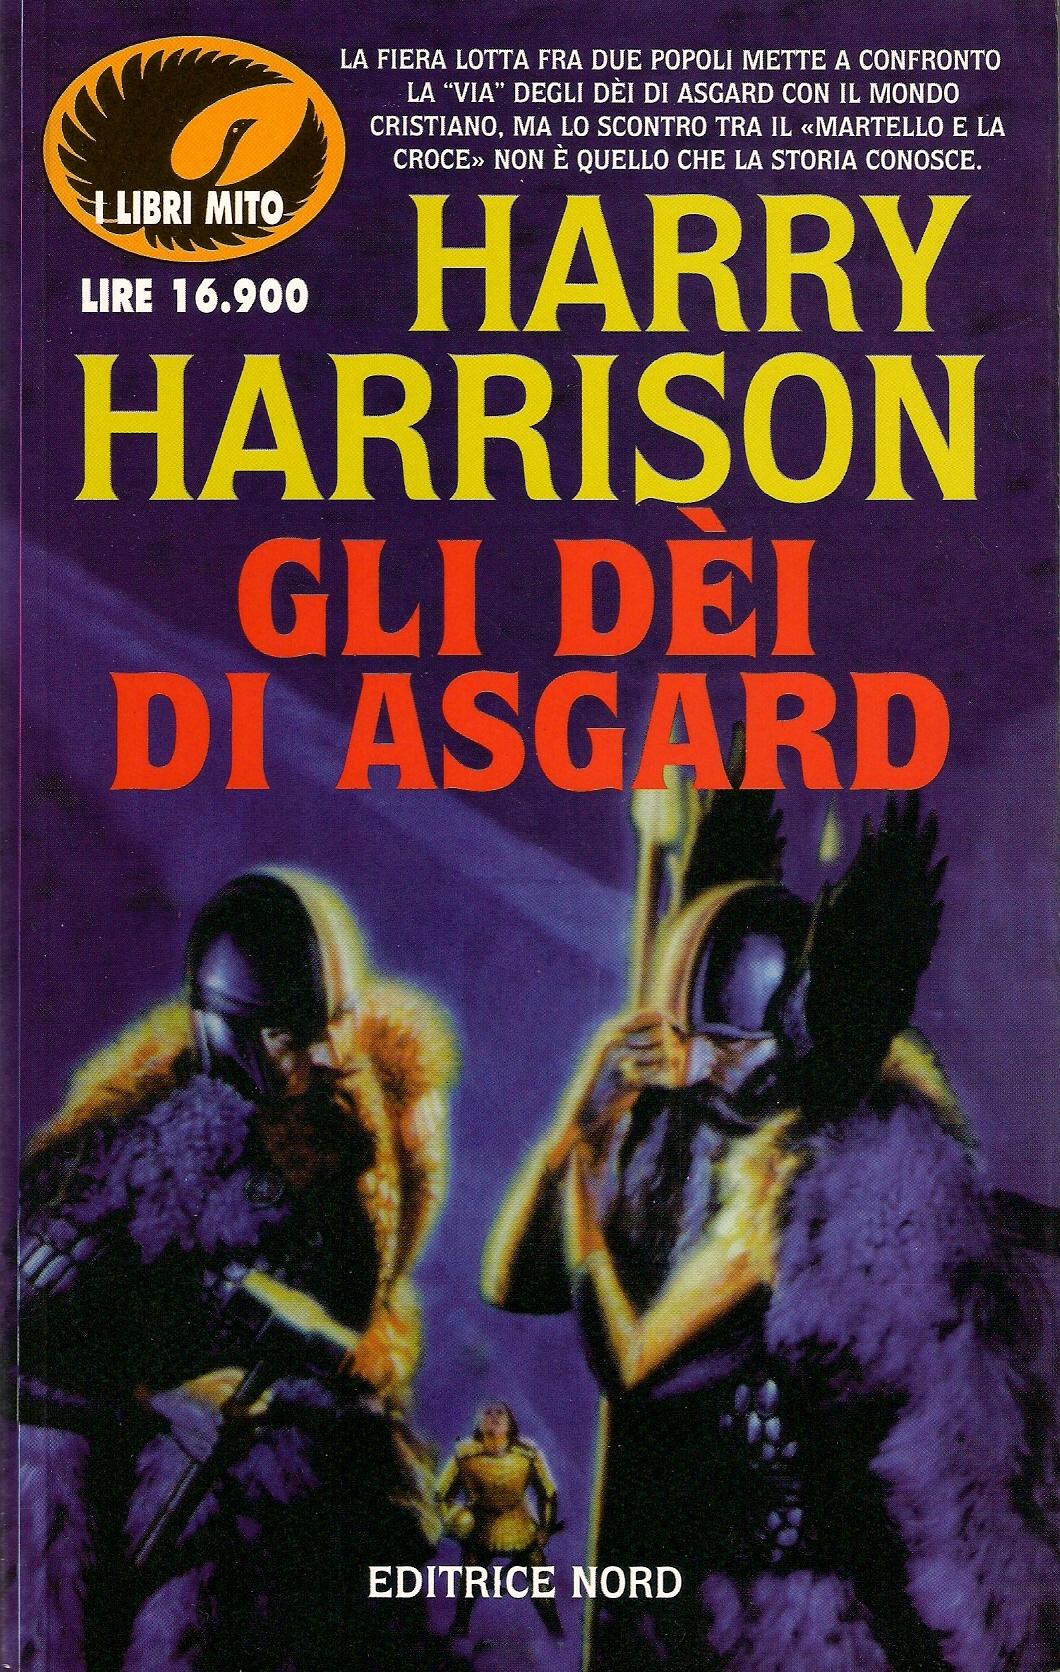 Gli dei di Asgard